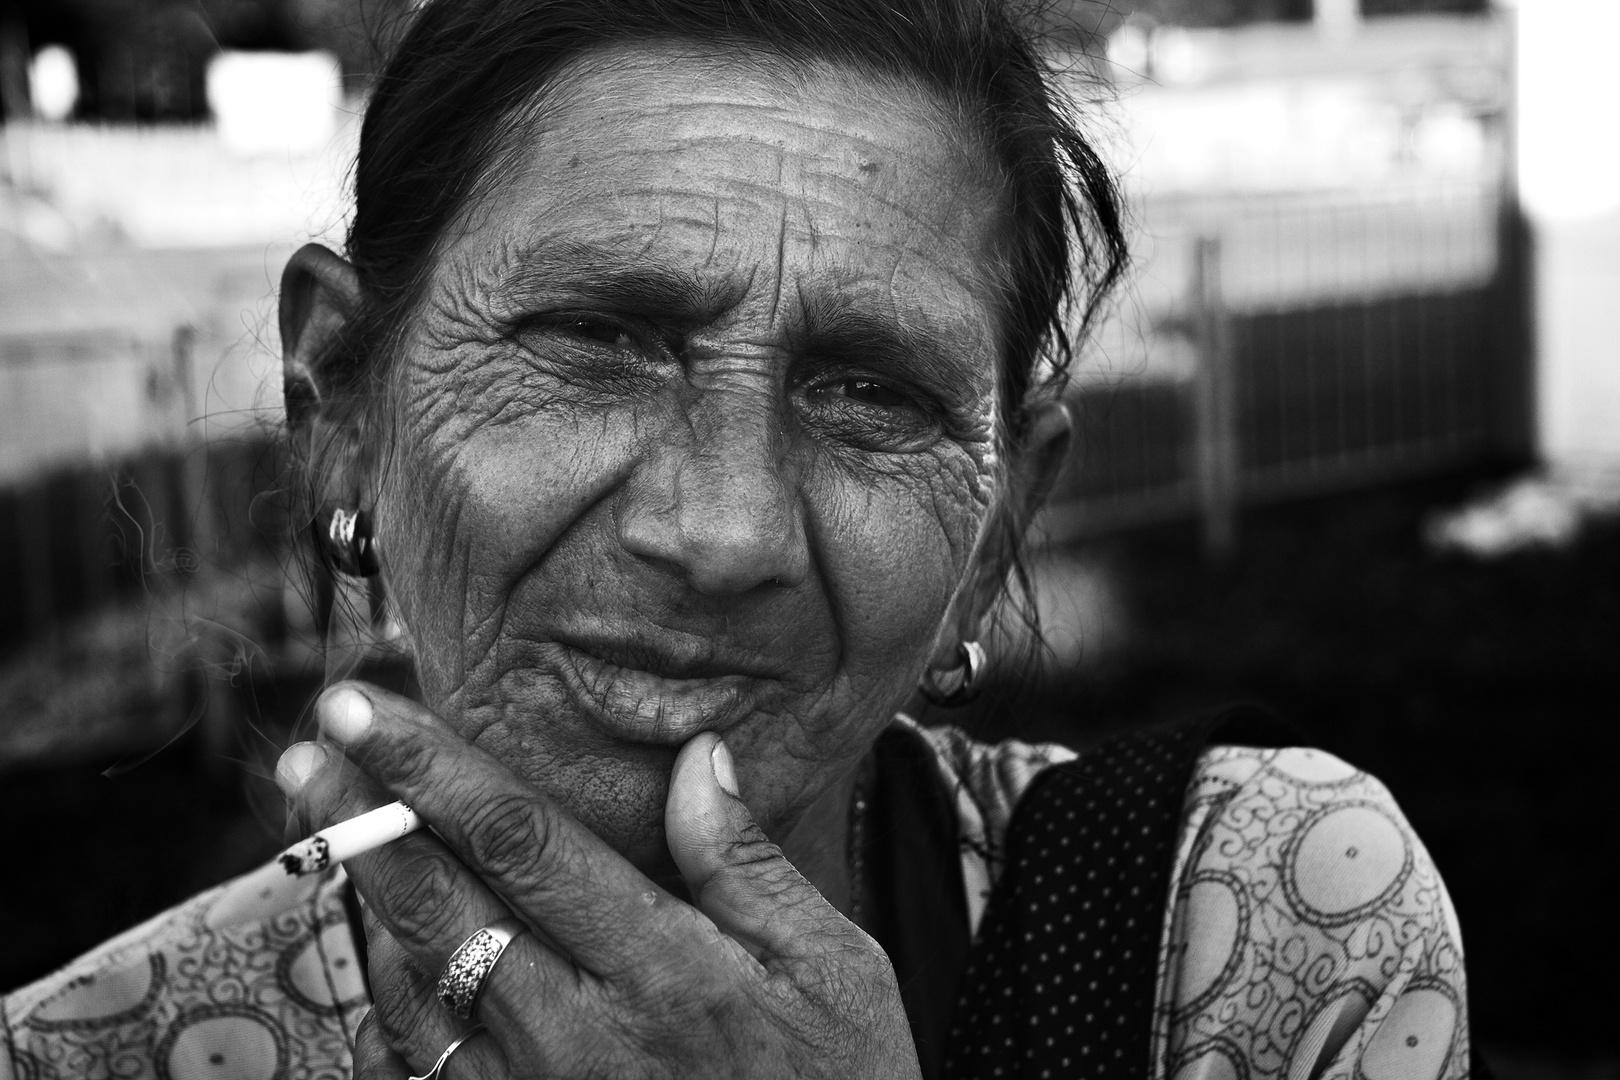 Gipsy Grandma